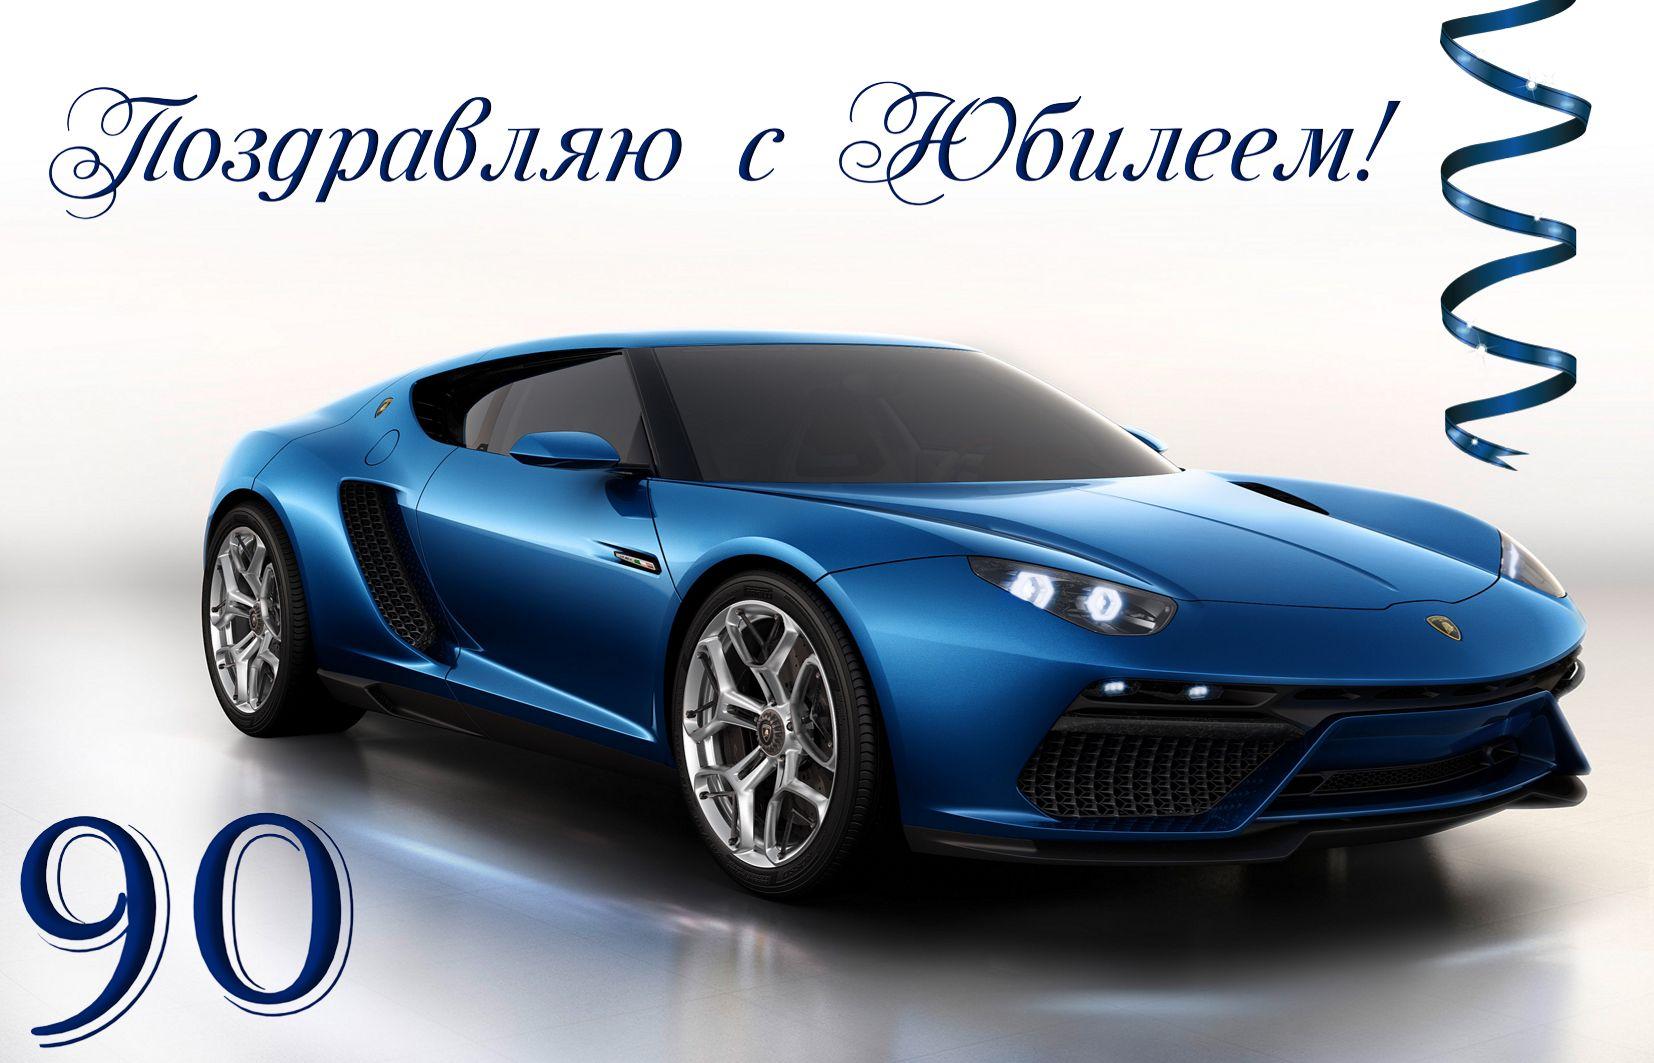 Открытка с синей спортивной машиной к юбилею 90 лет